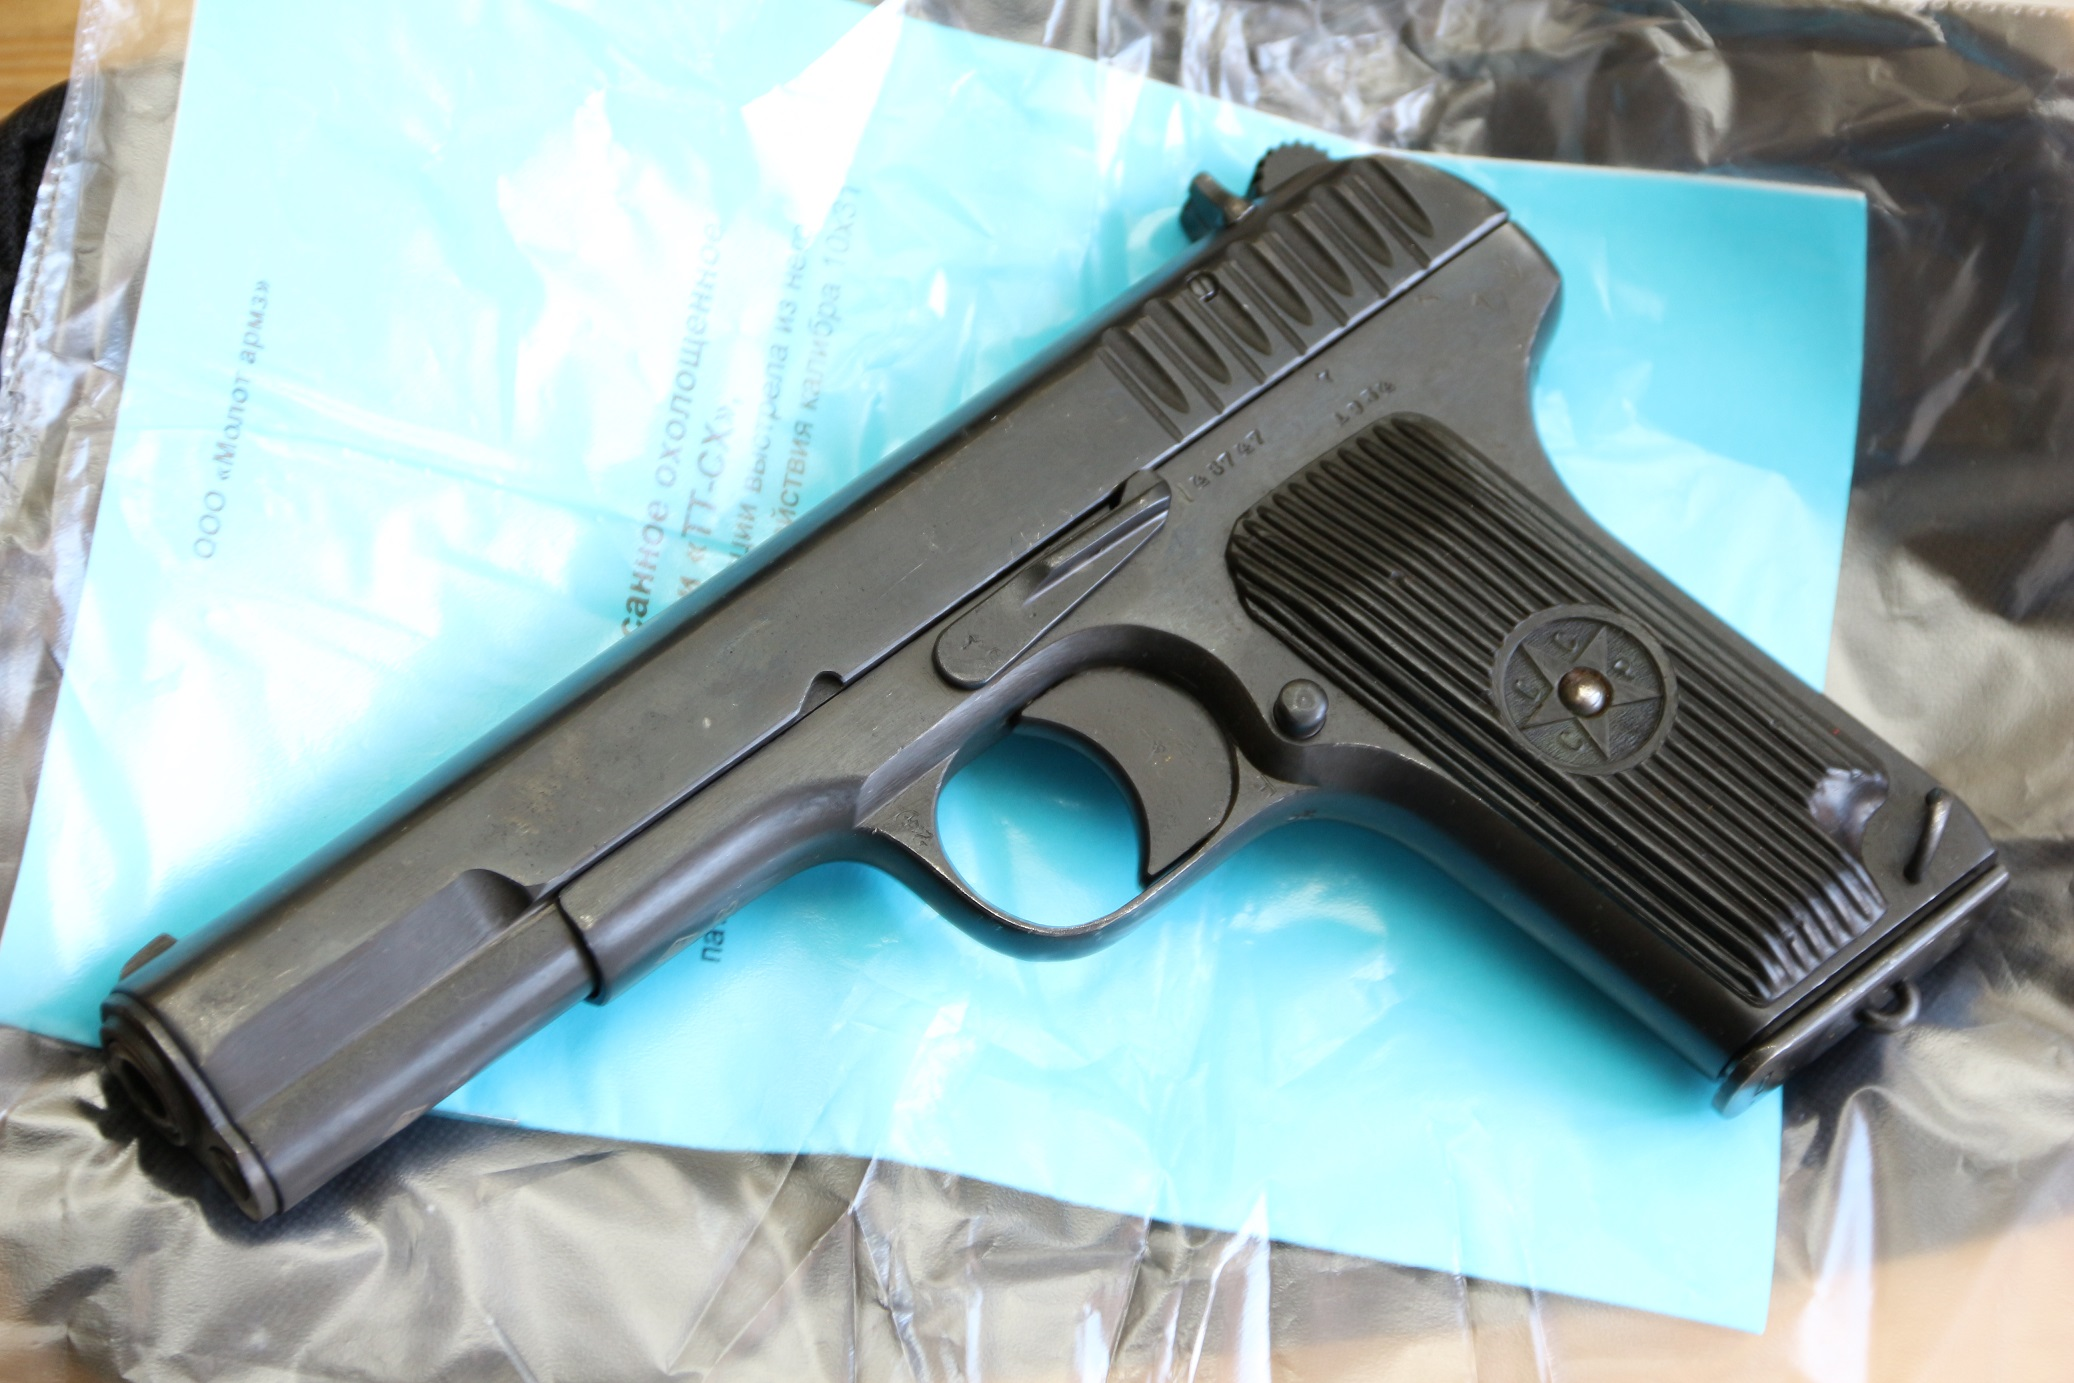 Фото Охолощенный пистолет ТТ-СХ 1934 года №46747, модификация ТТ-30